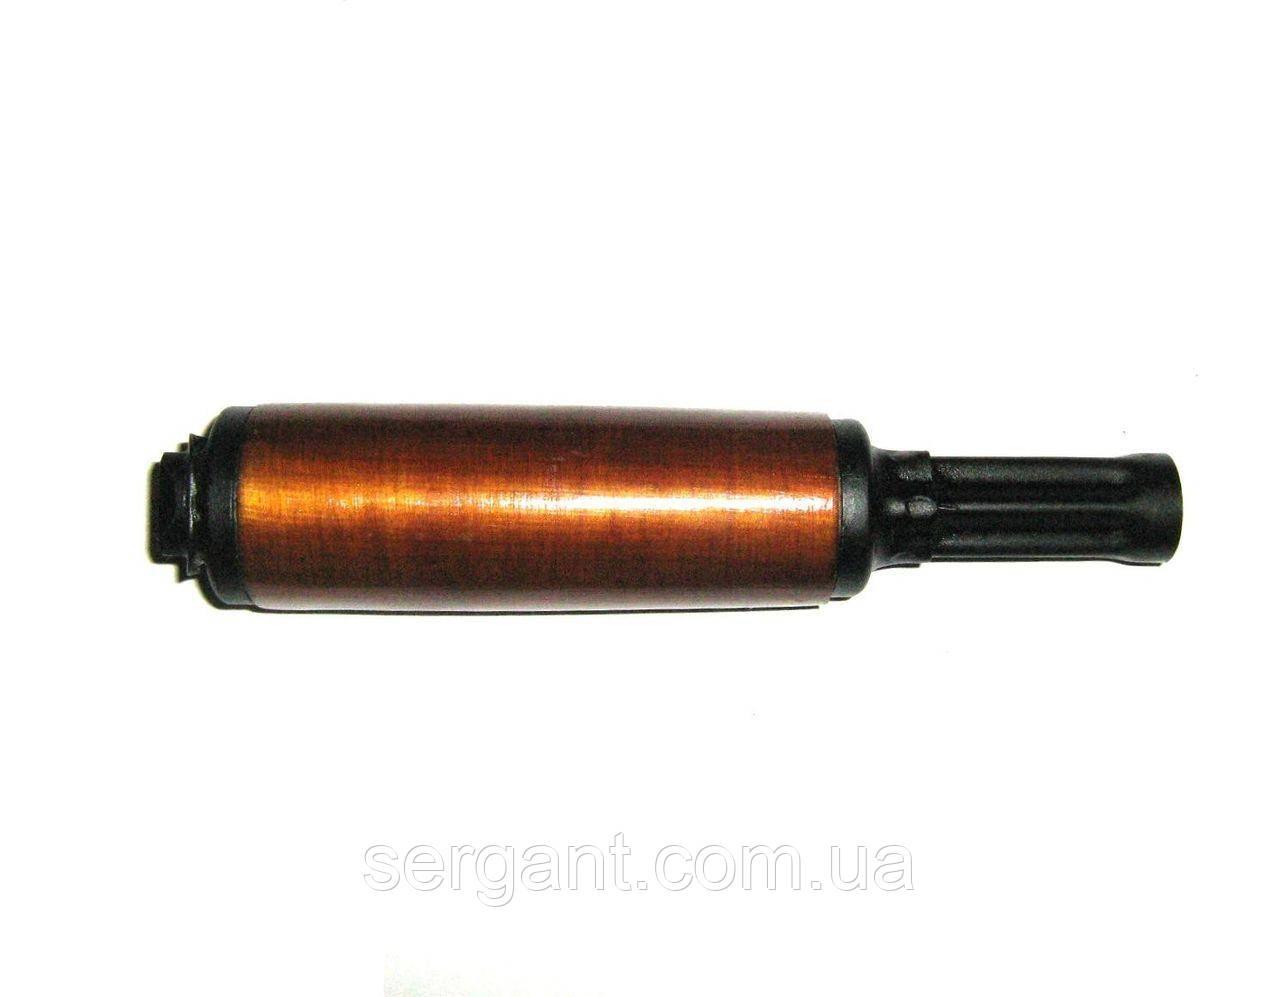 Газовая трубка с ствольной накладкой оригинальная для АКМ и АКМС калибр 7,62